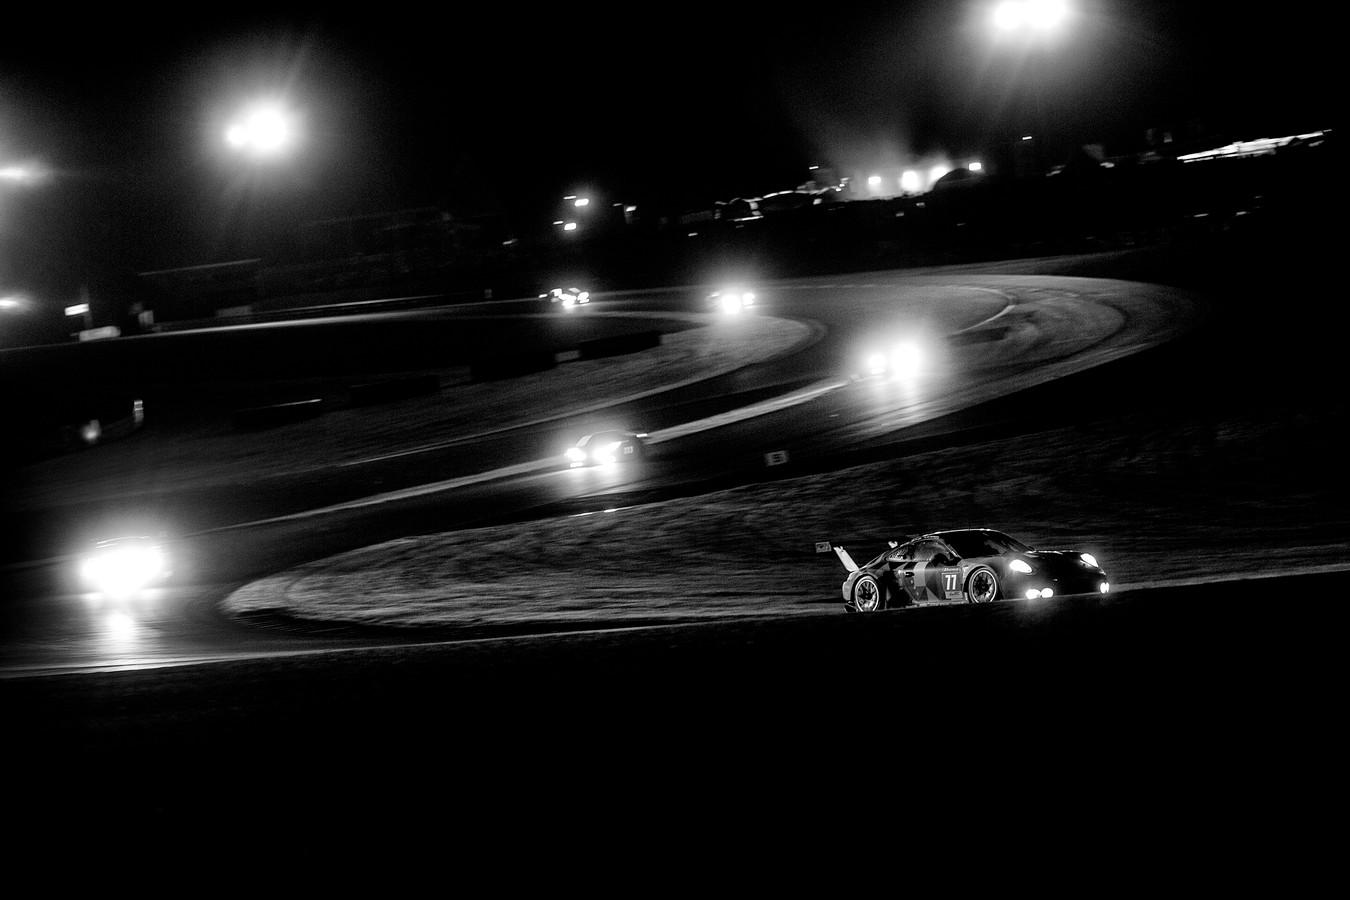 Porsche Wint In Le Mans Na Technische Problemen Toyota